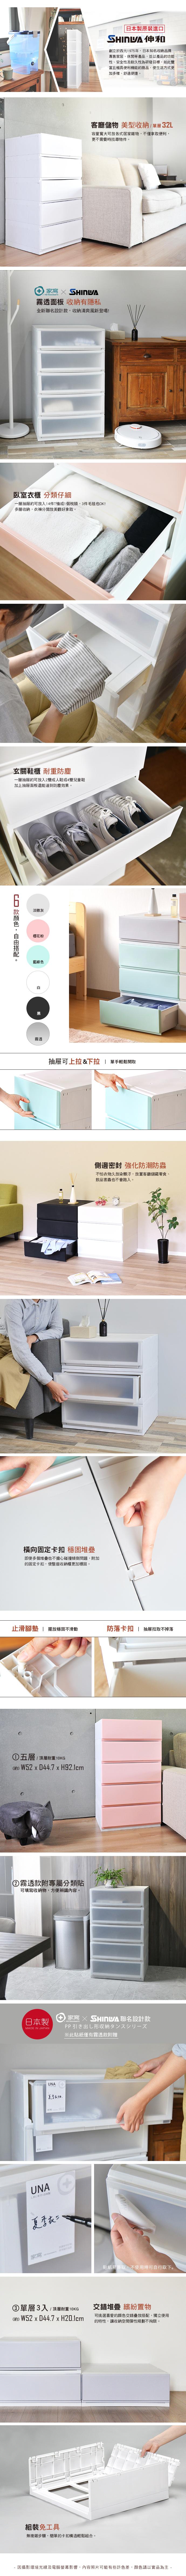 伸和|五層抽屜收納櫃-DIY